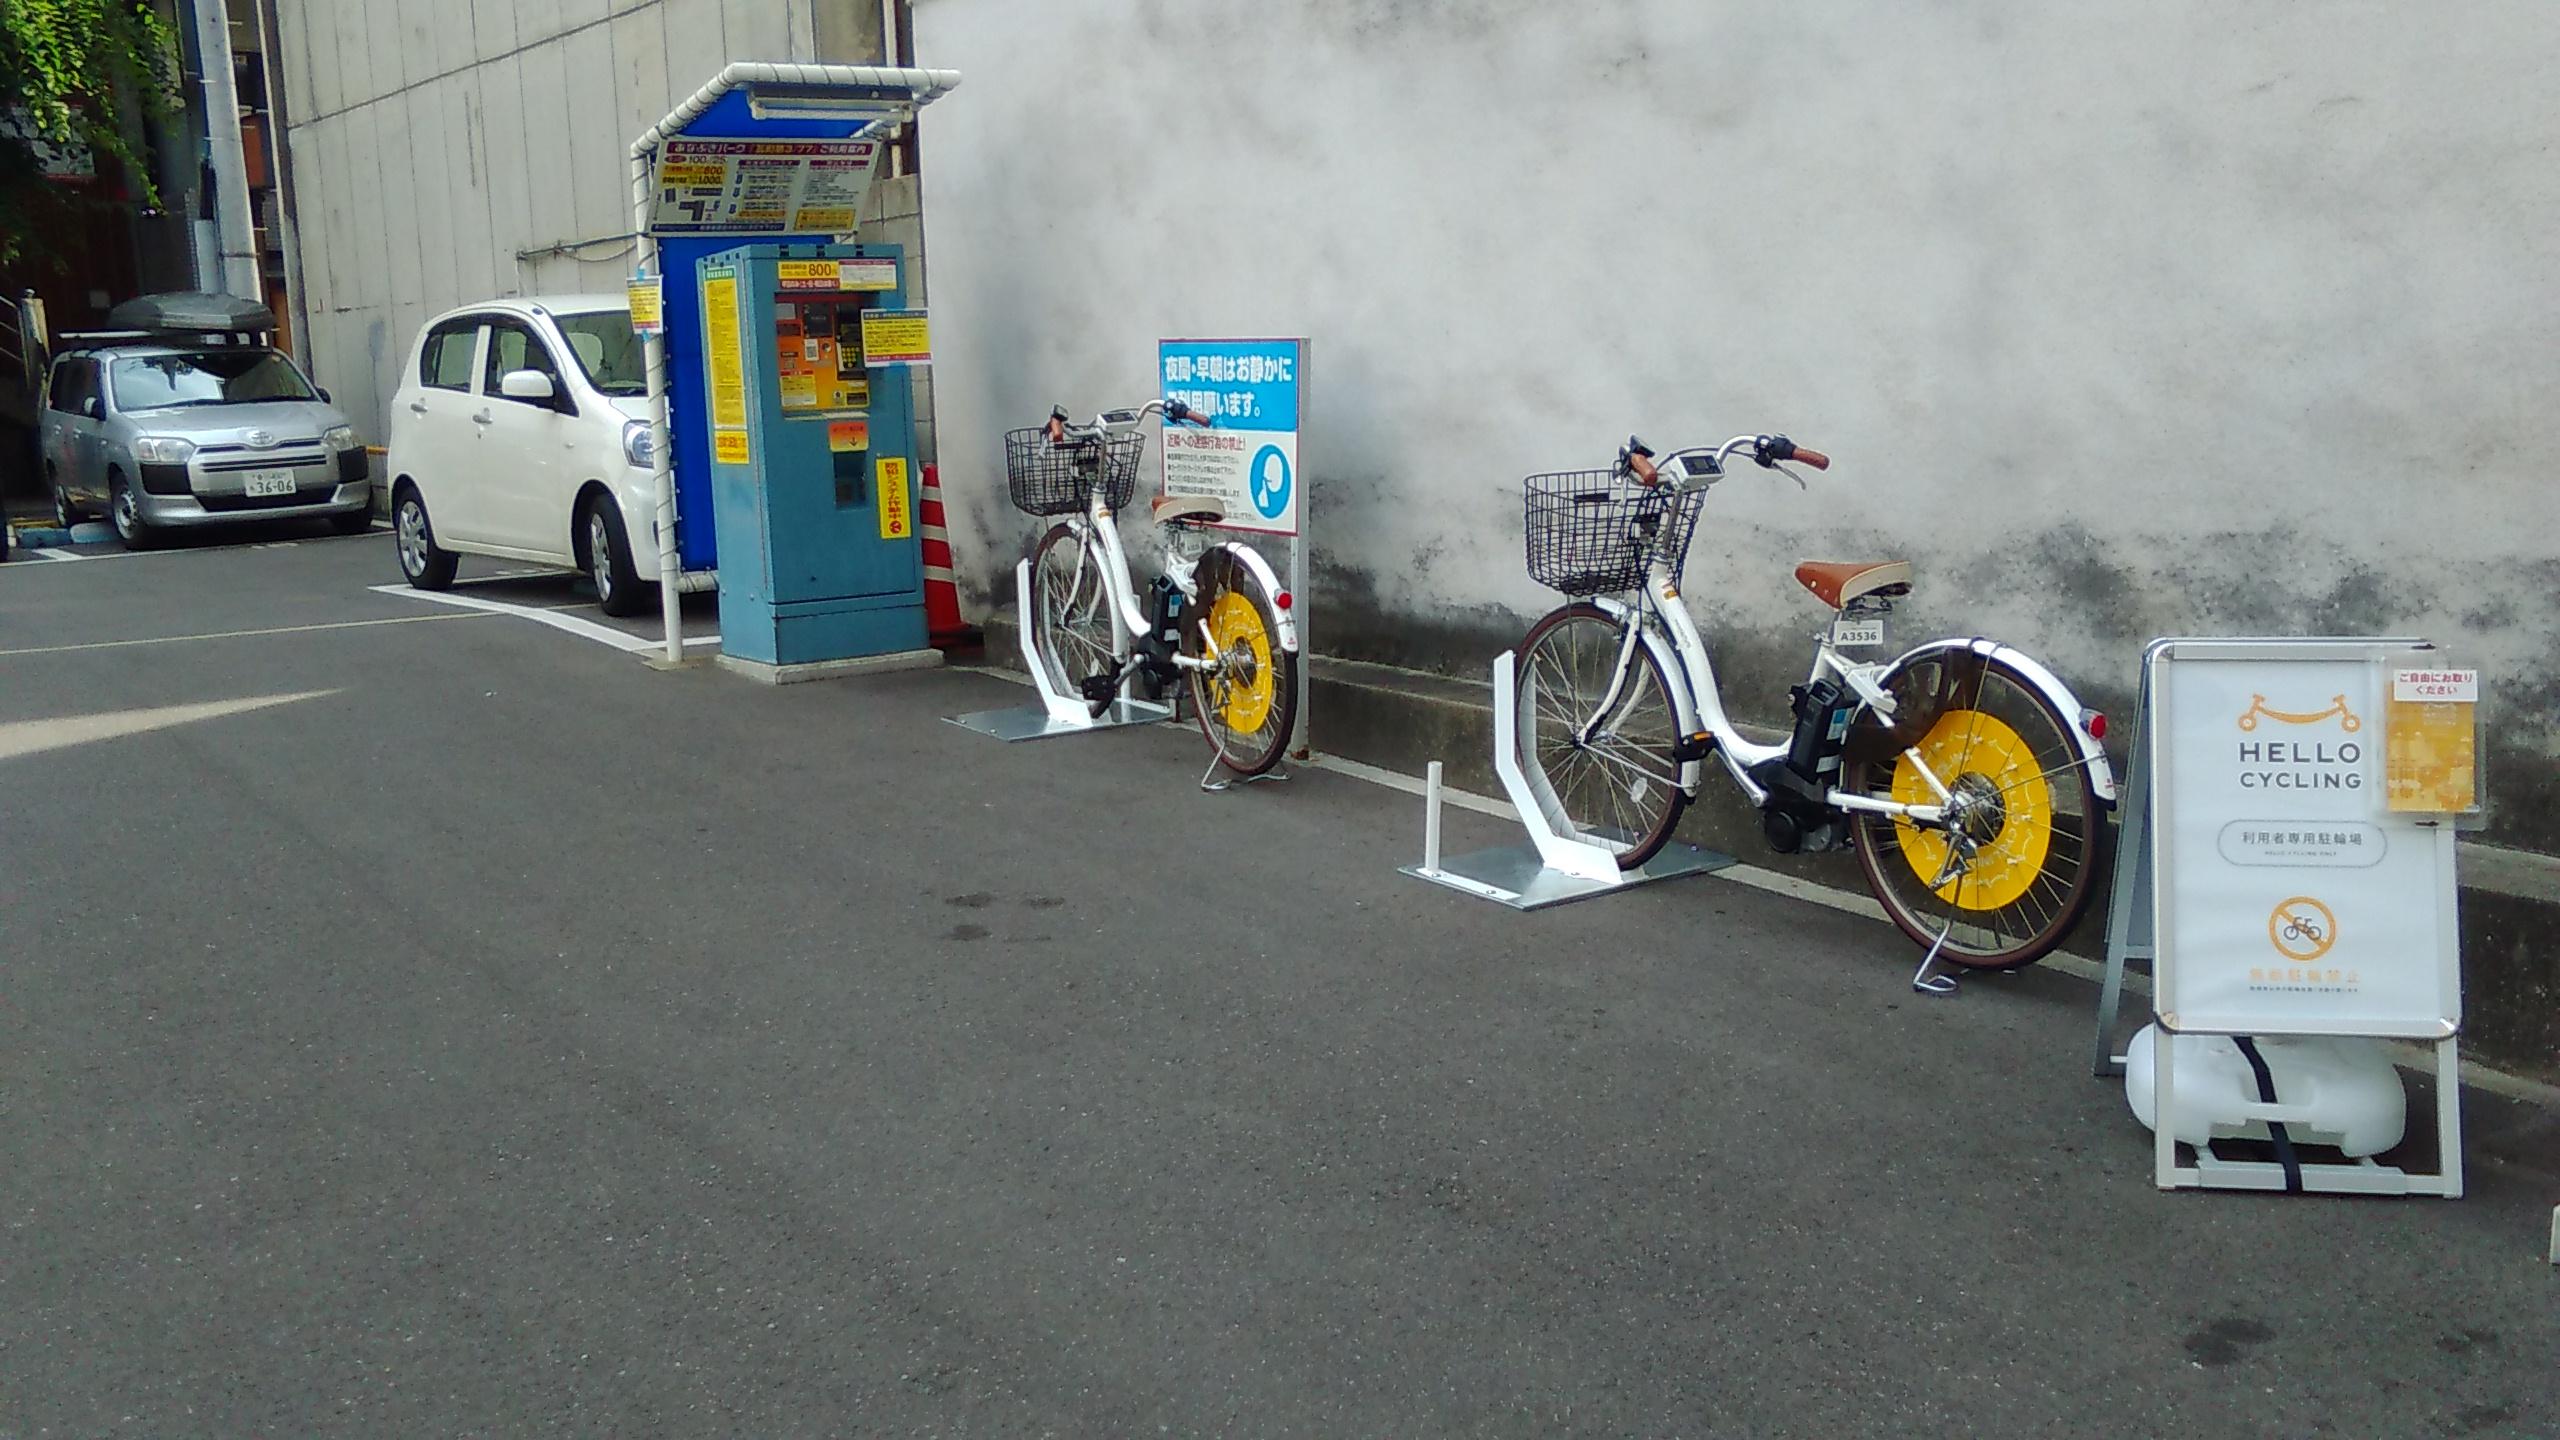 ロイヤルパークホテル高松前(あなぶき瓦町第3パーキング) (HELLO CYCLING ポート) image